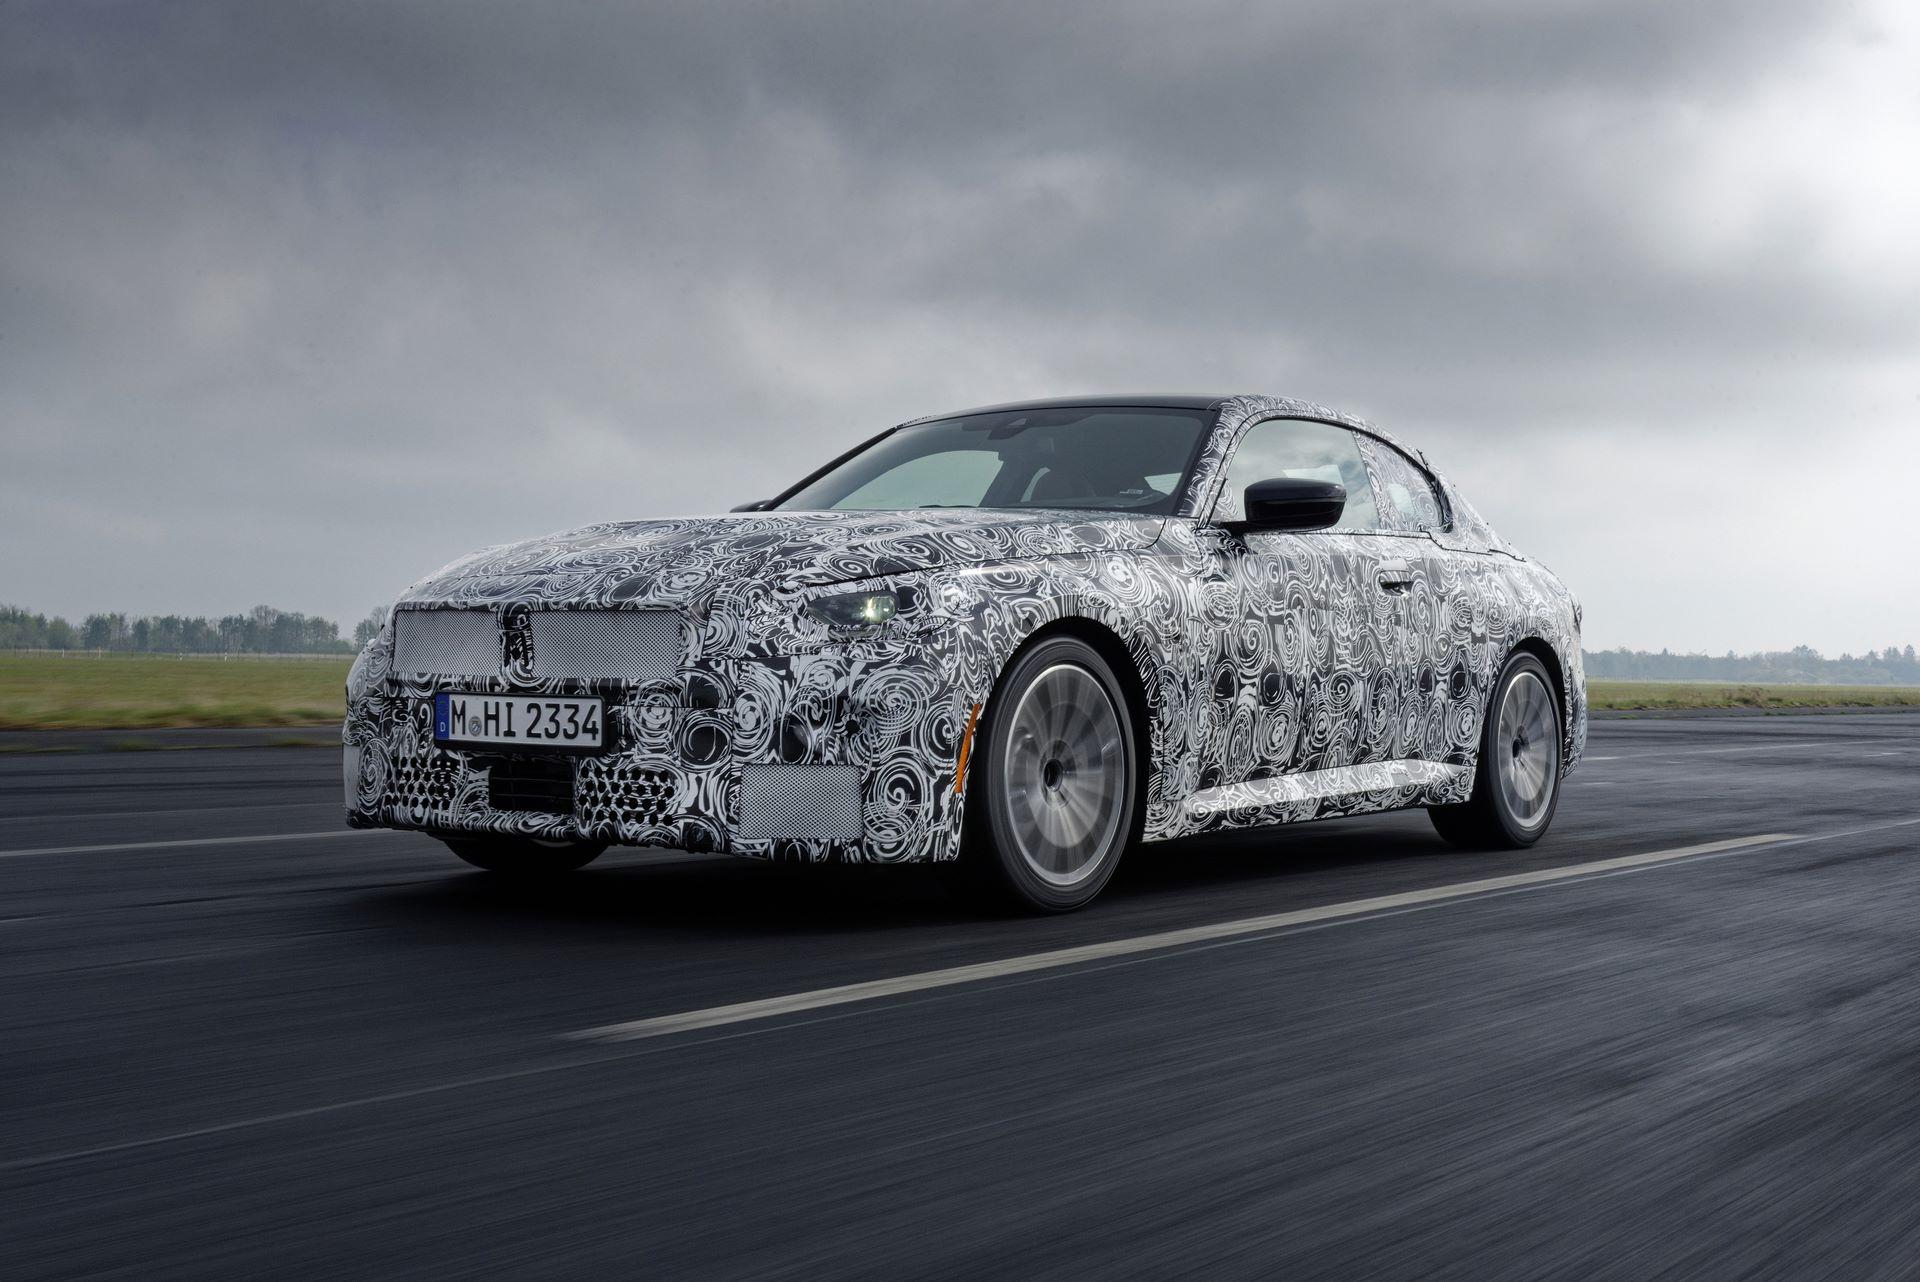 BMW-2-Series-M240i-spy-photos-2